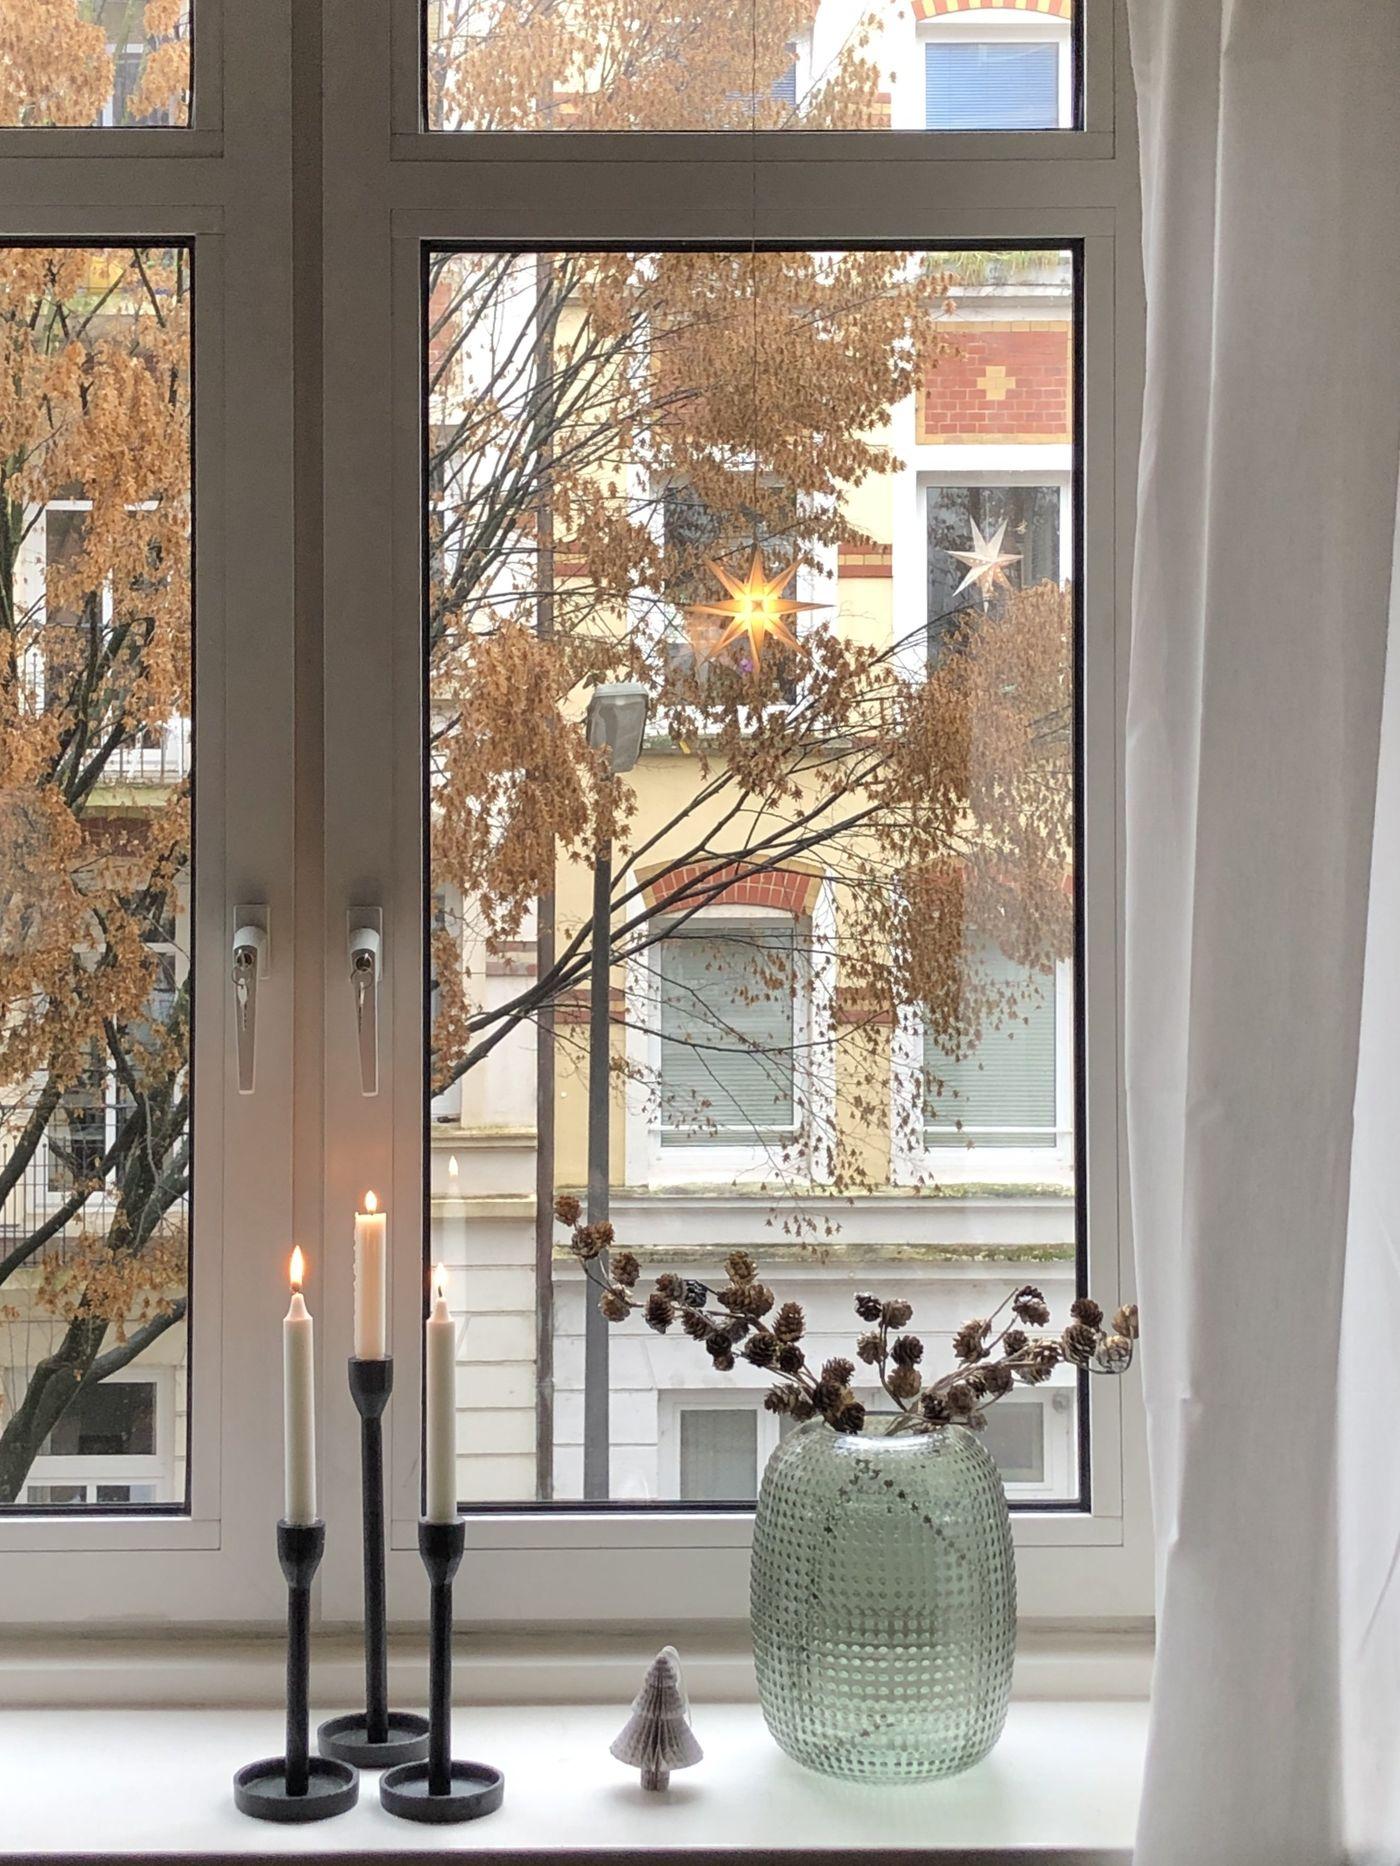 Full Size of Gardinen Doppelfenster Fensterdeko Schne Ideen Zum Dekorieren Schlafzimmer Für Die Küche Scheibengardinen Wohnzimmer Fenster Wohnzimmer Gardinen Doppelfenster